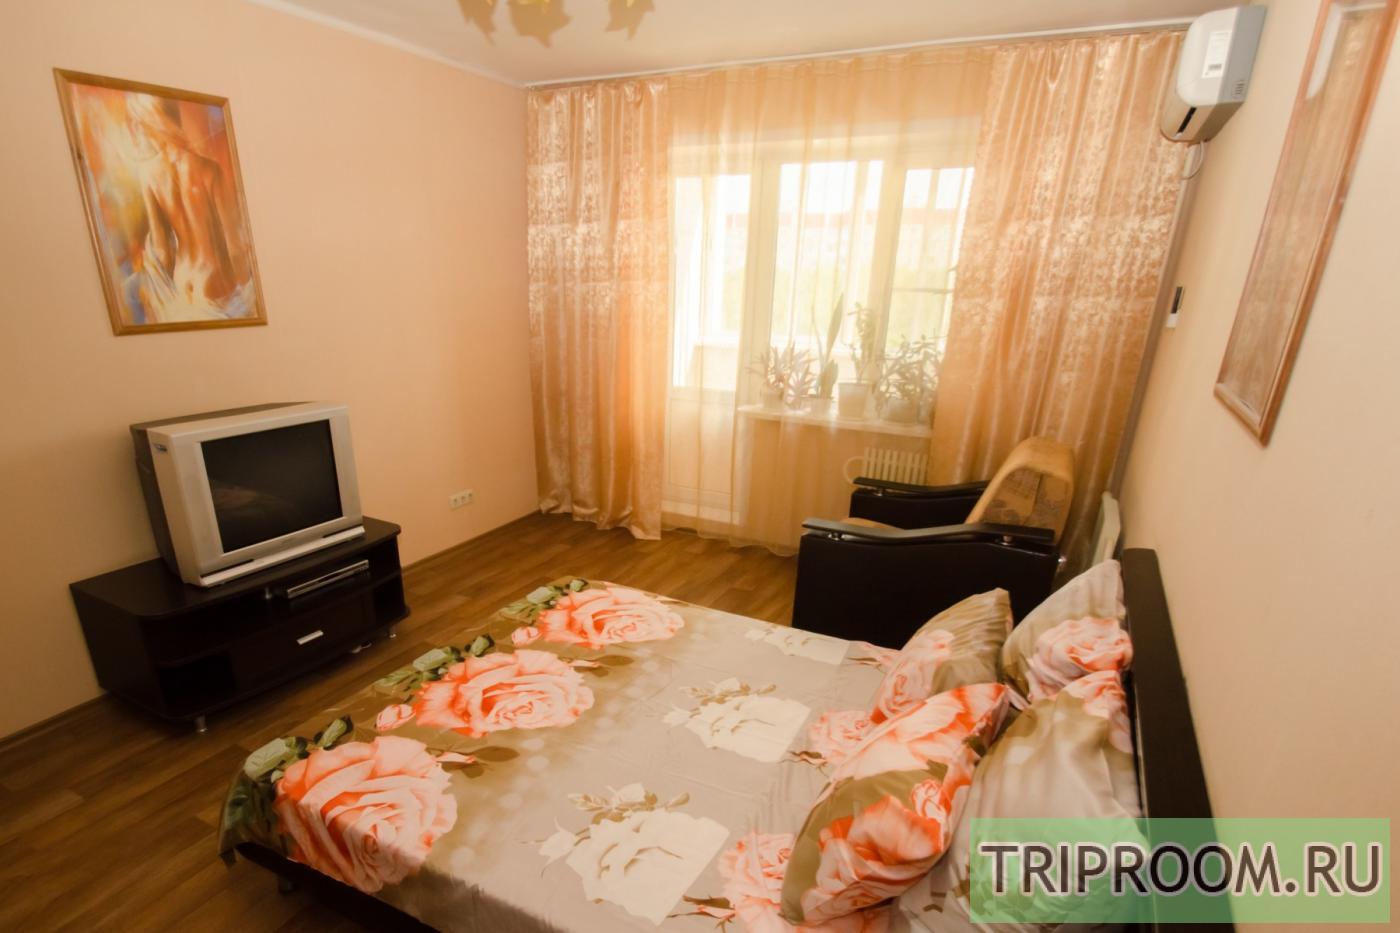 1-комнатная квартира посуточно (вариант № 2483), ул. Мордасовой улица, фото № 3